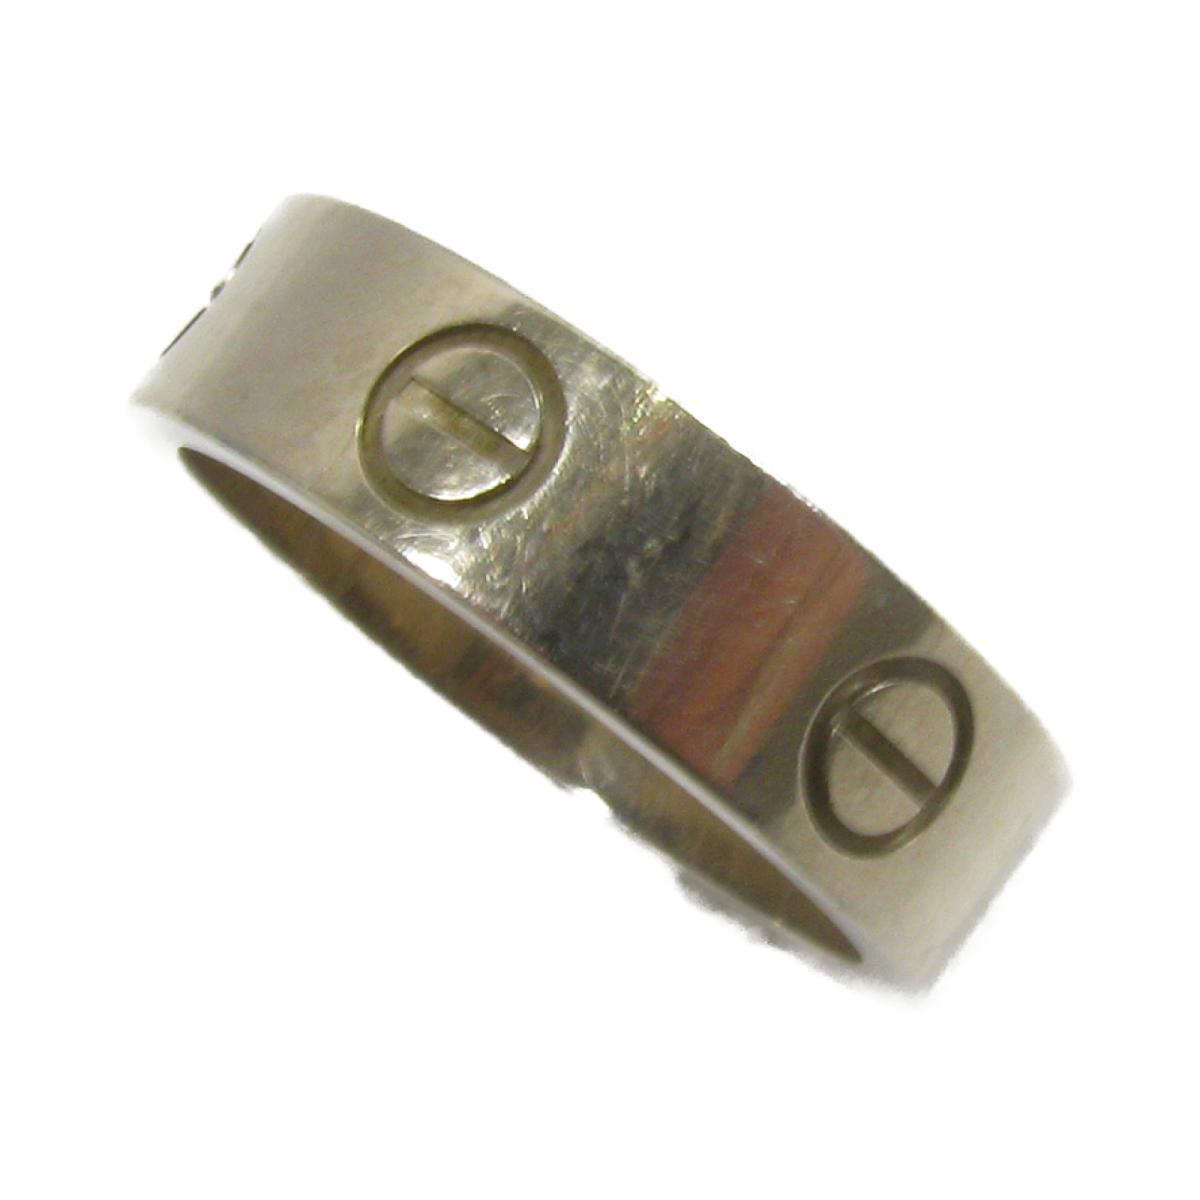 カルティエ ラブリング 指輪 ブランドジュエリー メンズ レディース K18WG -750 ホワイトゴールド シルバー 【中古】 | Cartier BRANDOFF ブランドオフ ブランド ジュエリー アクセサリー リング